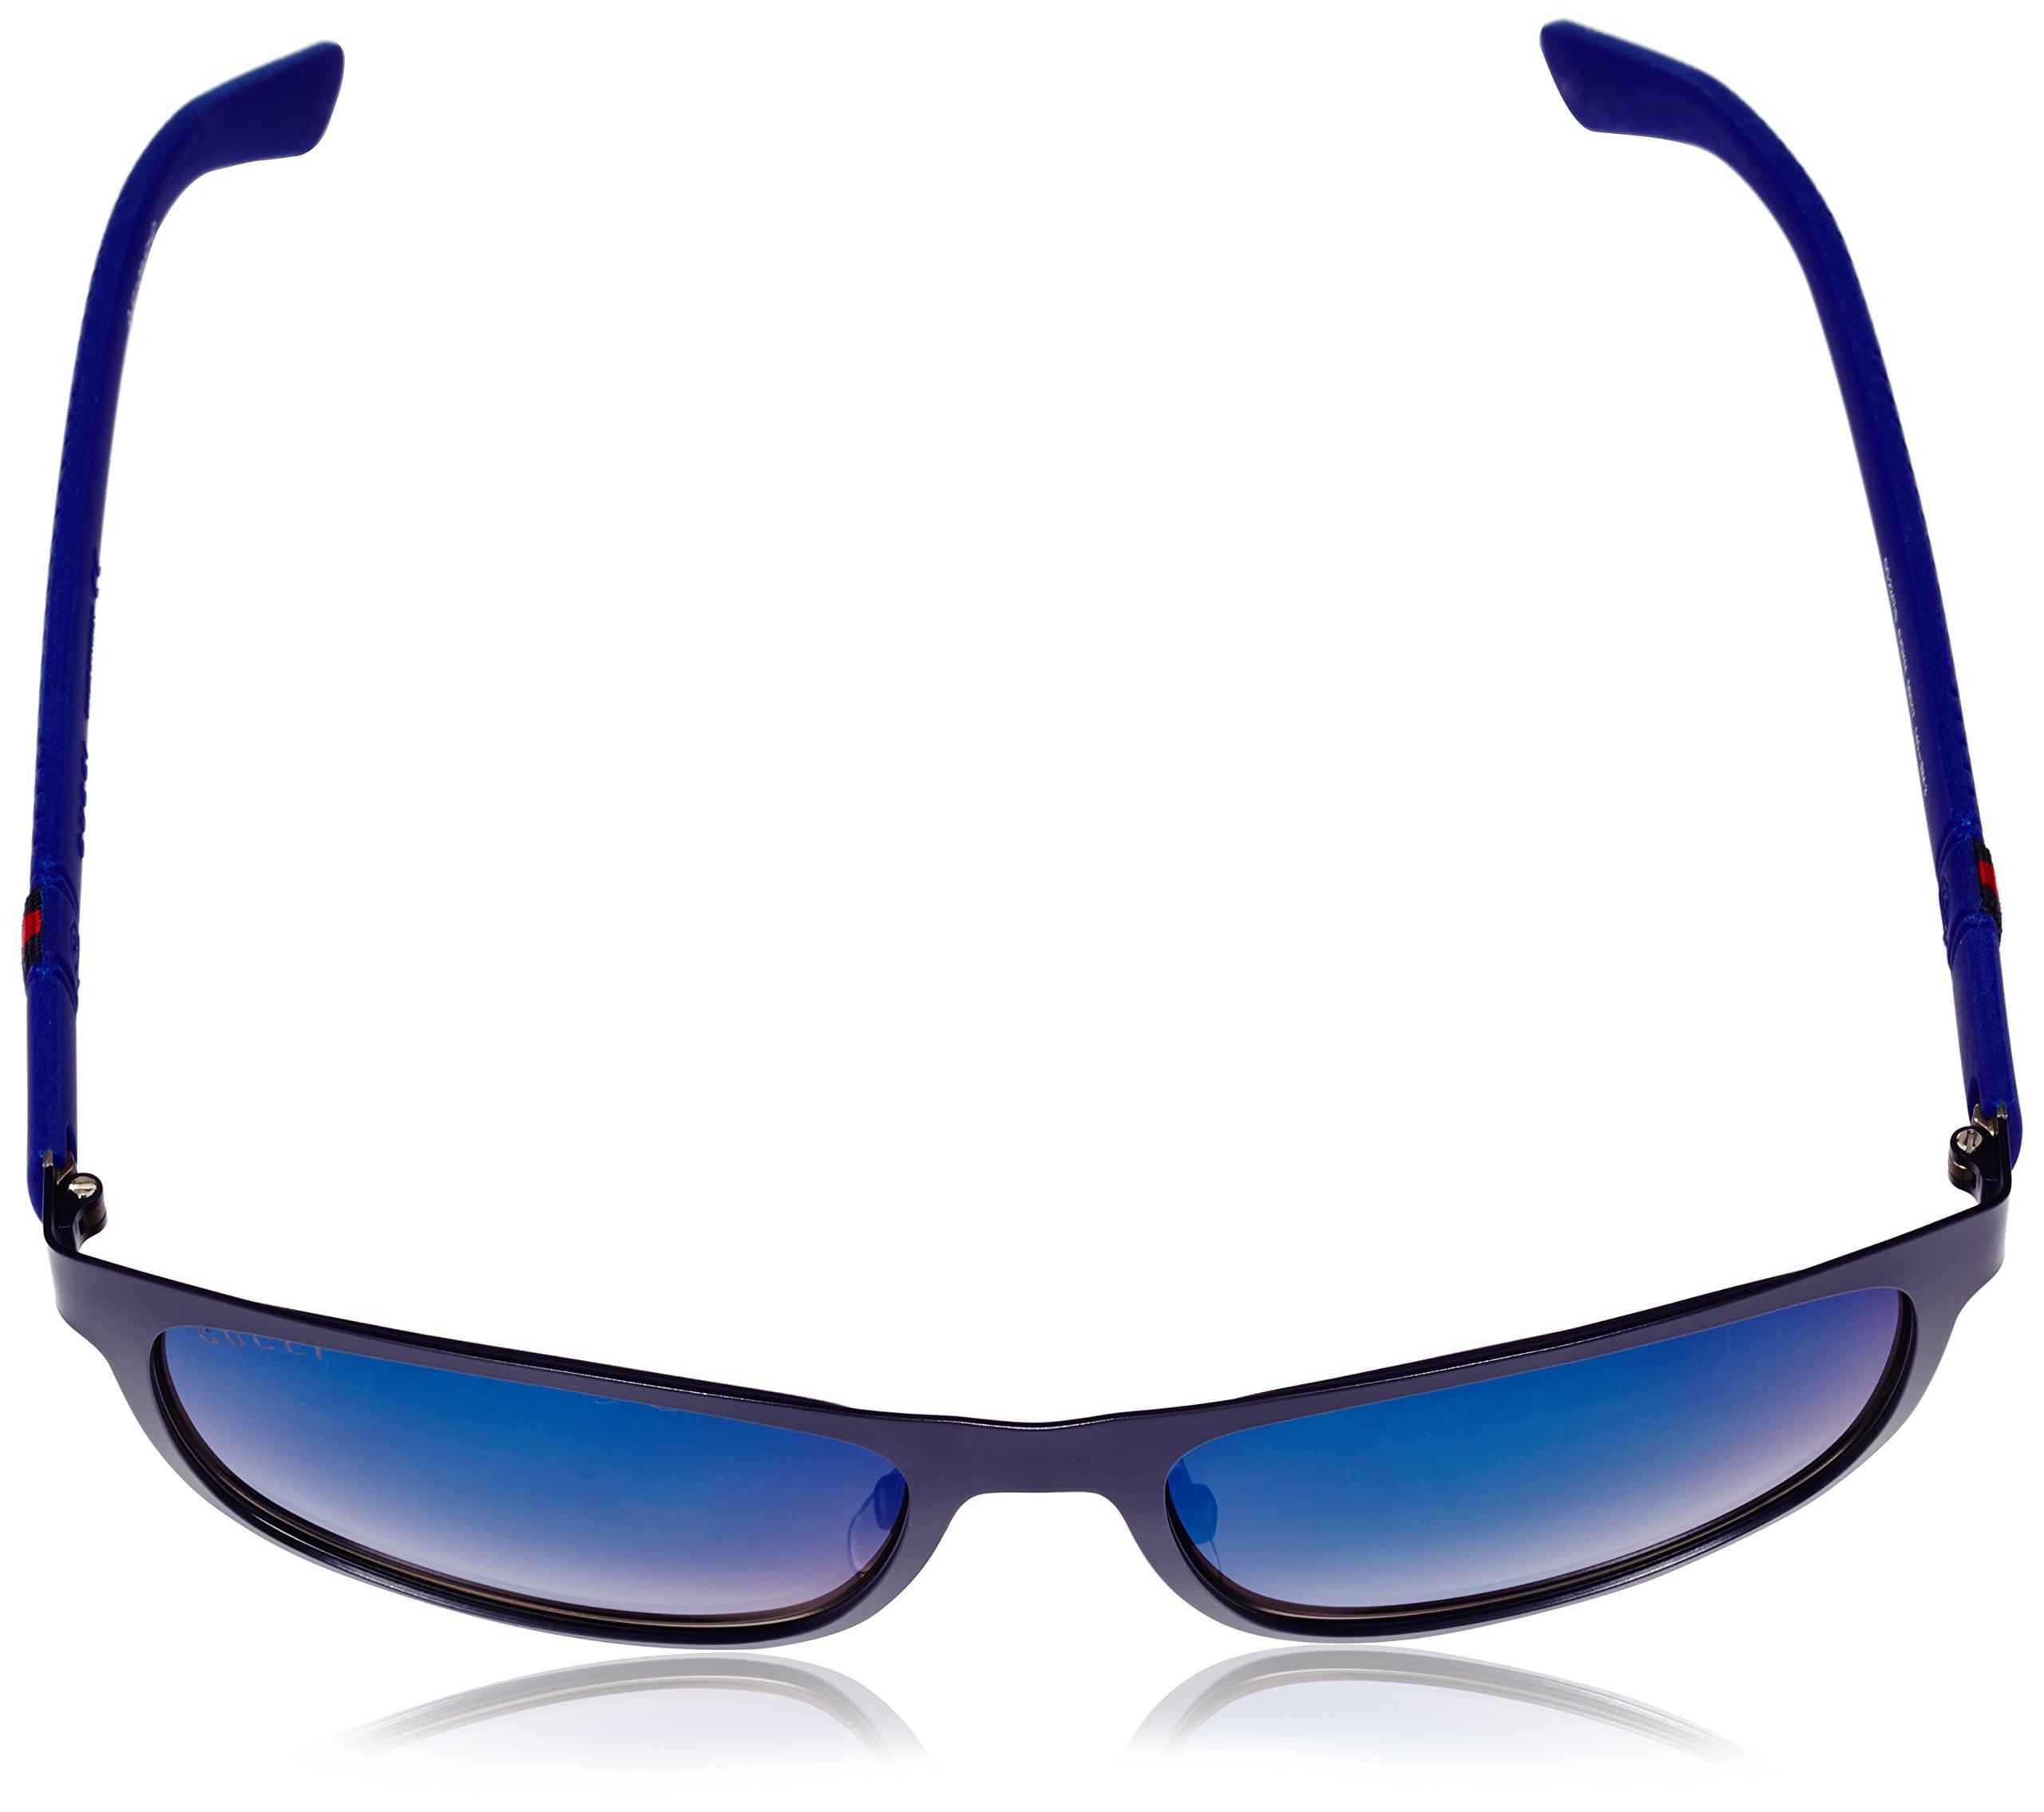 Gucci Men's Square Sunglasses, Matte Blue/Grey Multi, One Size by Gucci (Image #4)